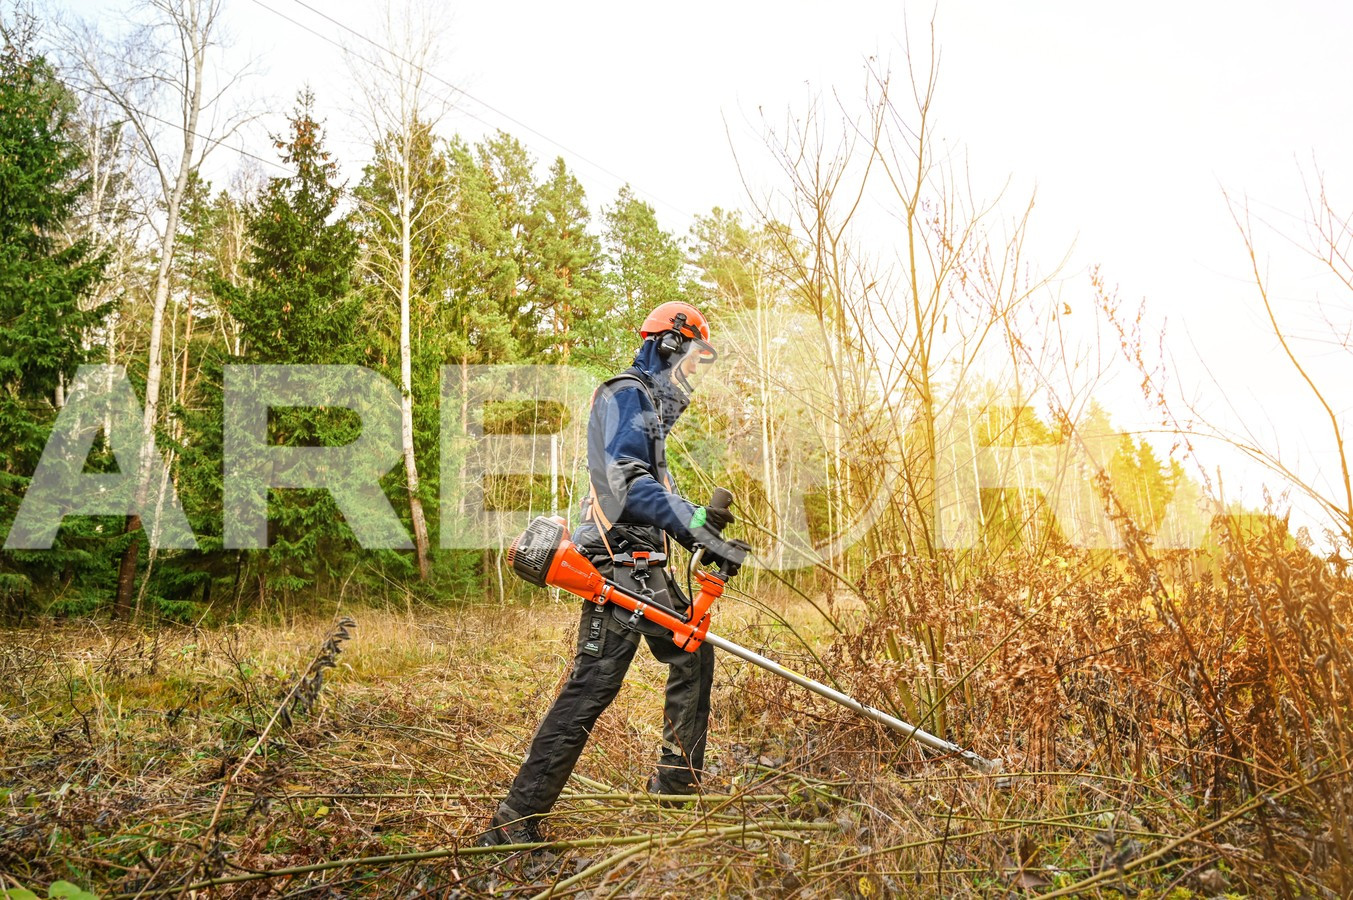 ?Teritorijos išvalymas ir išlyginimas statybvietės paruošimui. ?Apleistų sklypų, sodybų, parkų ir kitų teritorijų valymas. ?Miško retinimas ir pamiškių tvarkymas.